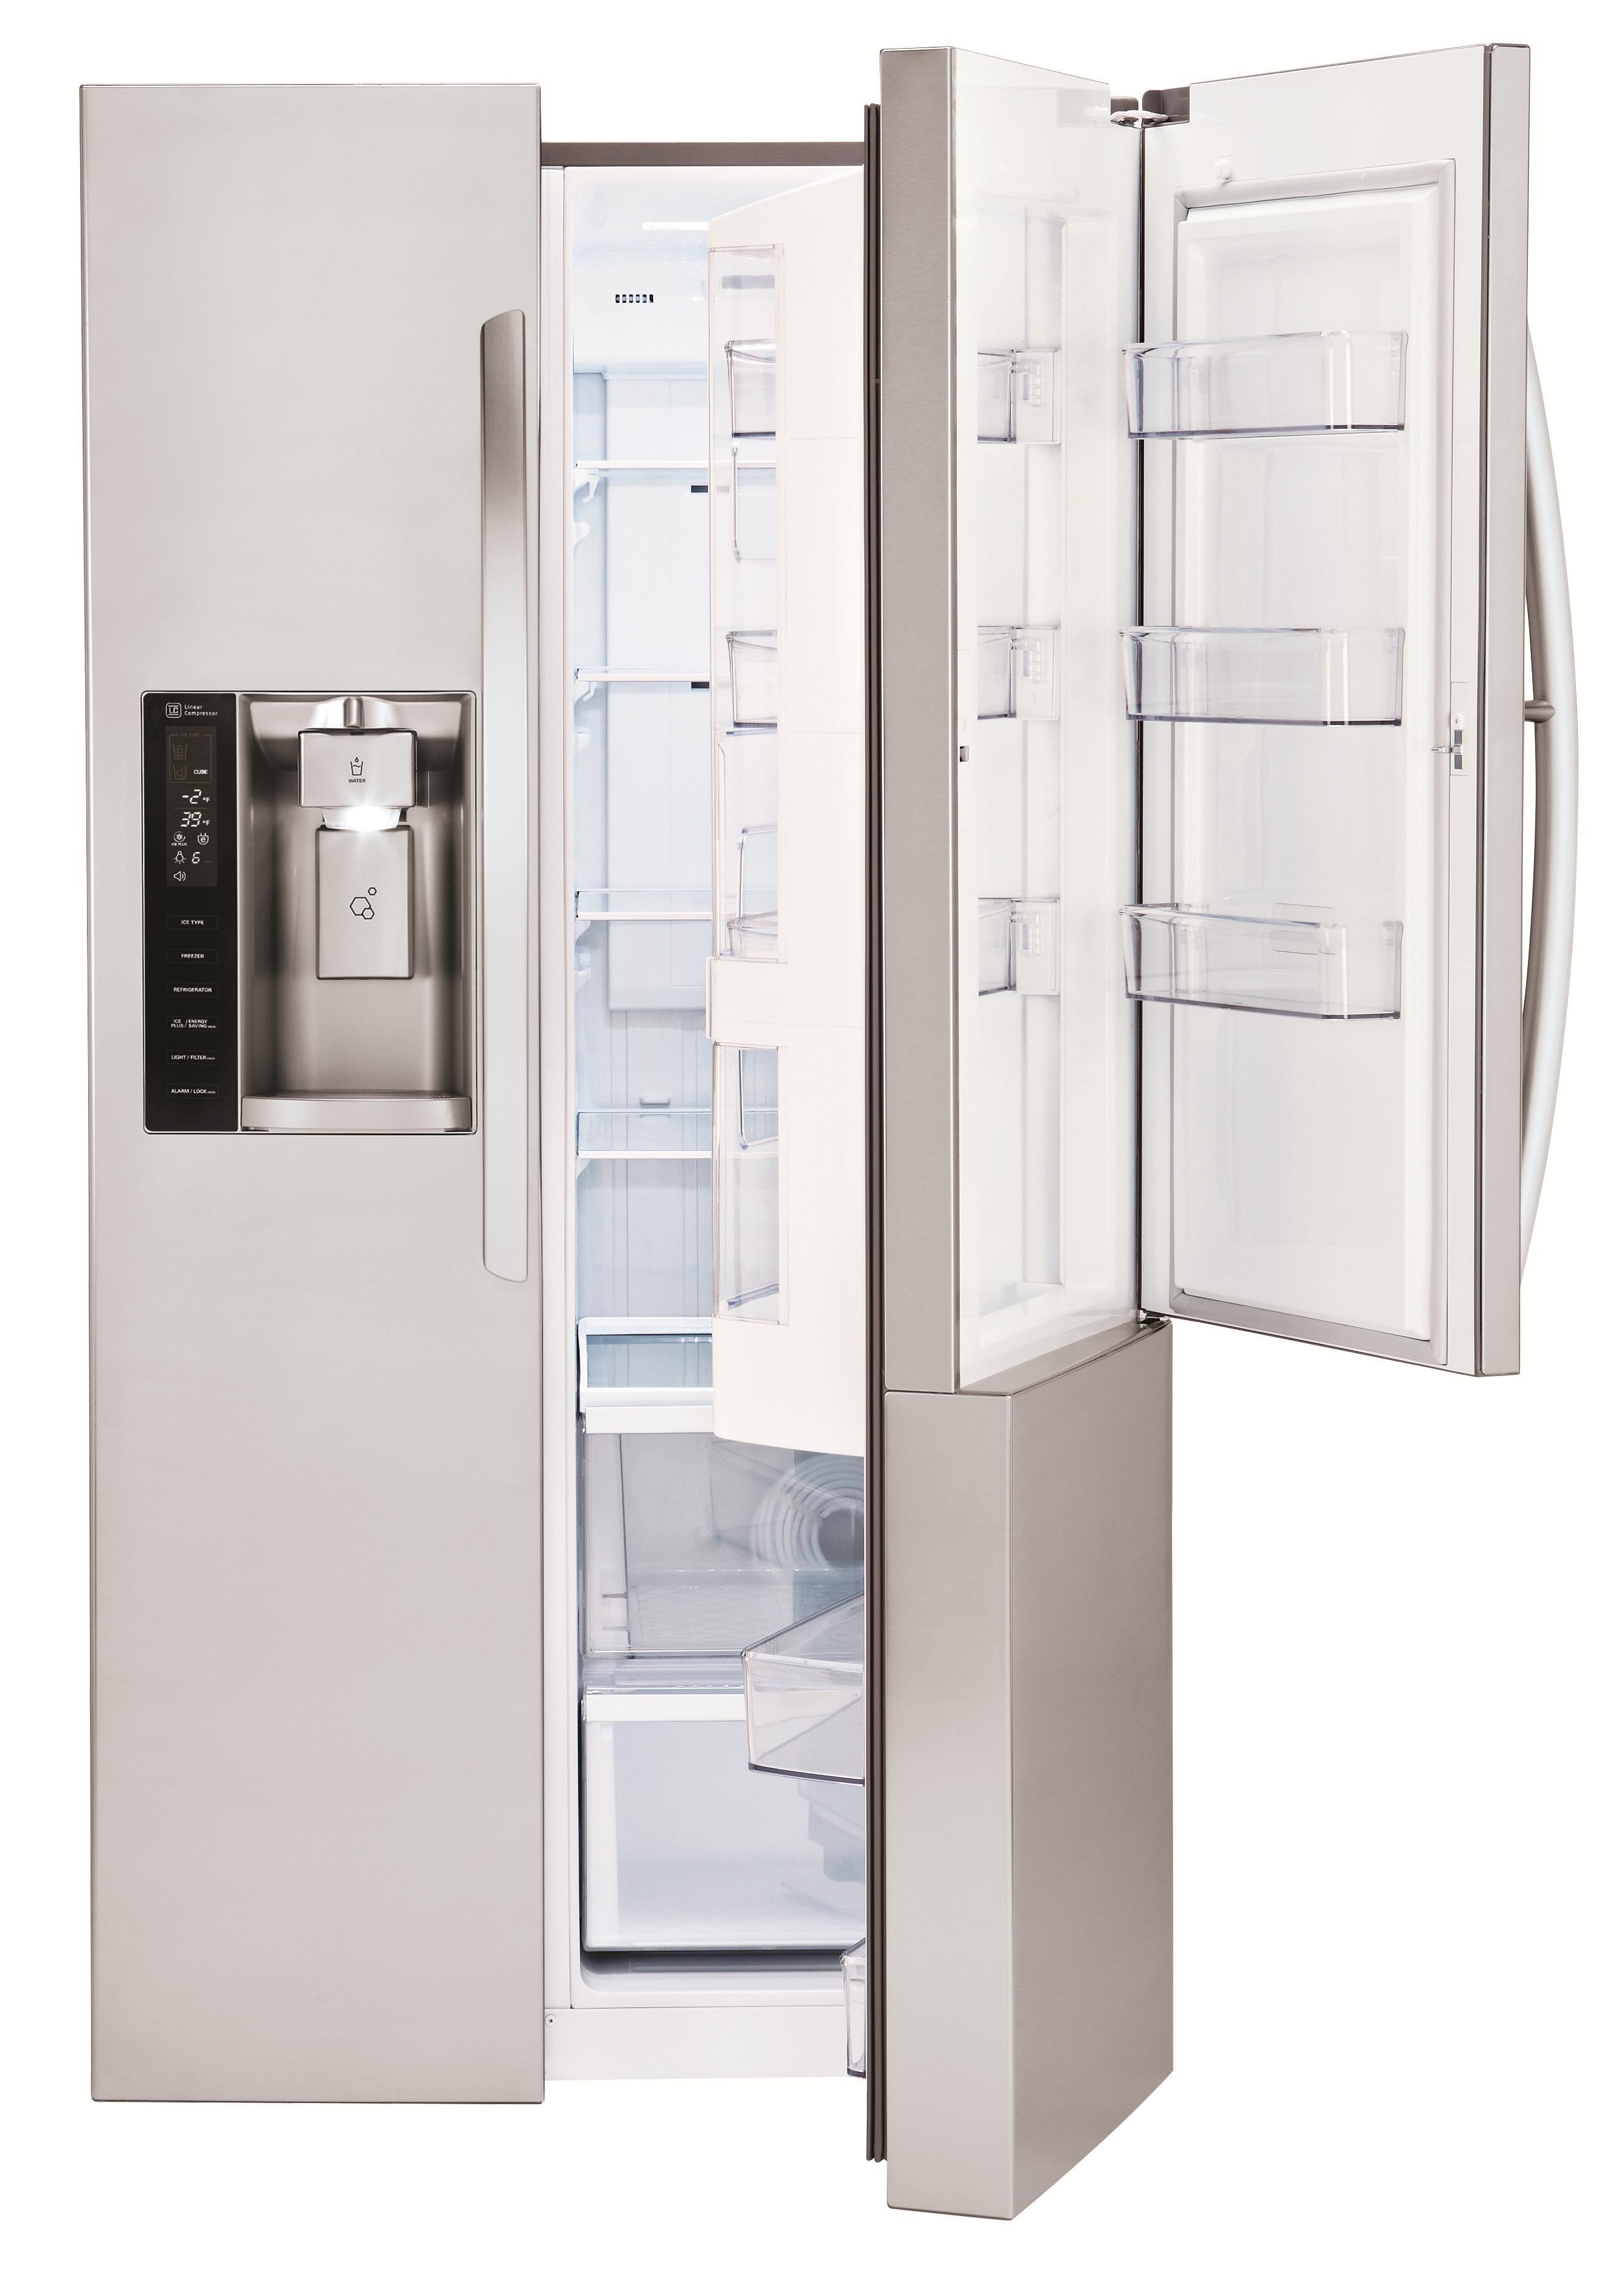 LG Appliances Side by Side Refrigerators 26 cu. ft. Side by Side 3 Door Refridgerator - Item Number: LSXS26386S